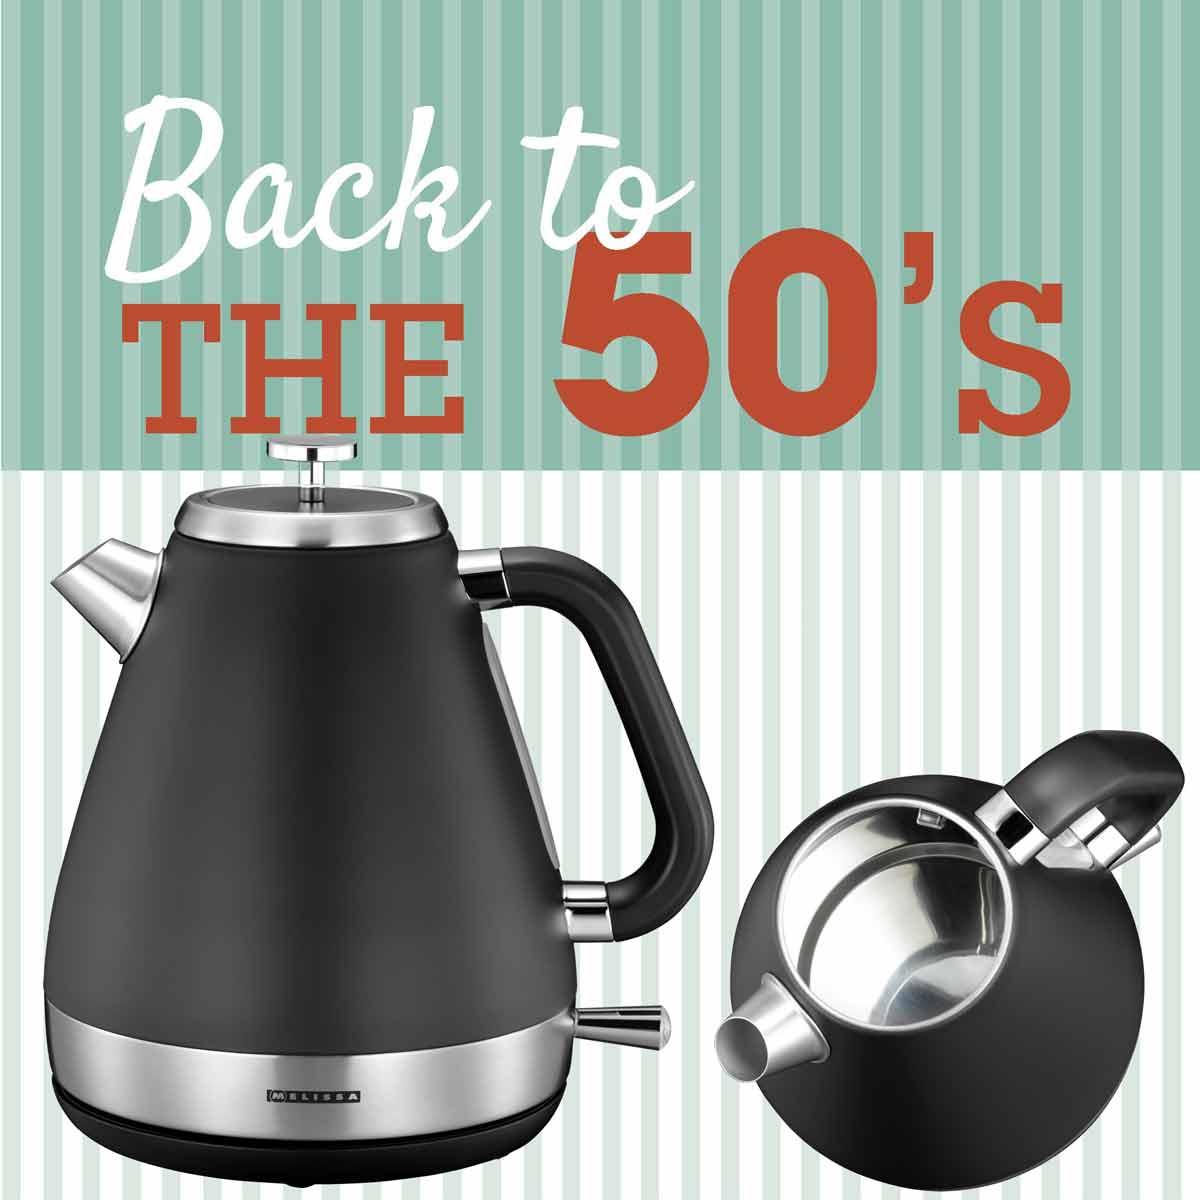 Melissa 16130298 Wasserkocher Retro Design der 50er Jahre 1,7 Liter – Bild 1